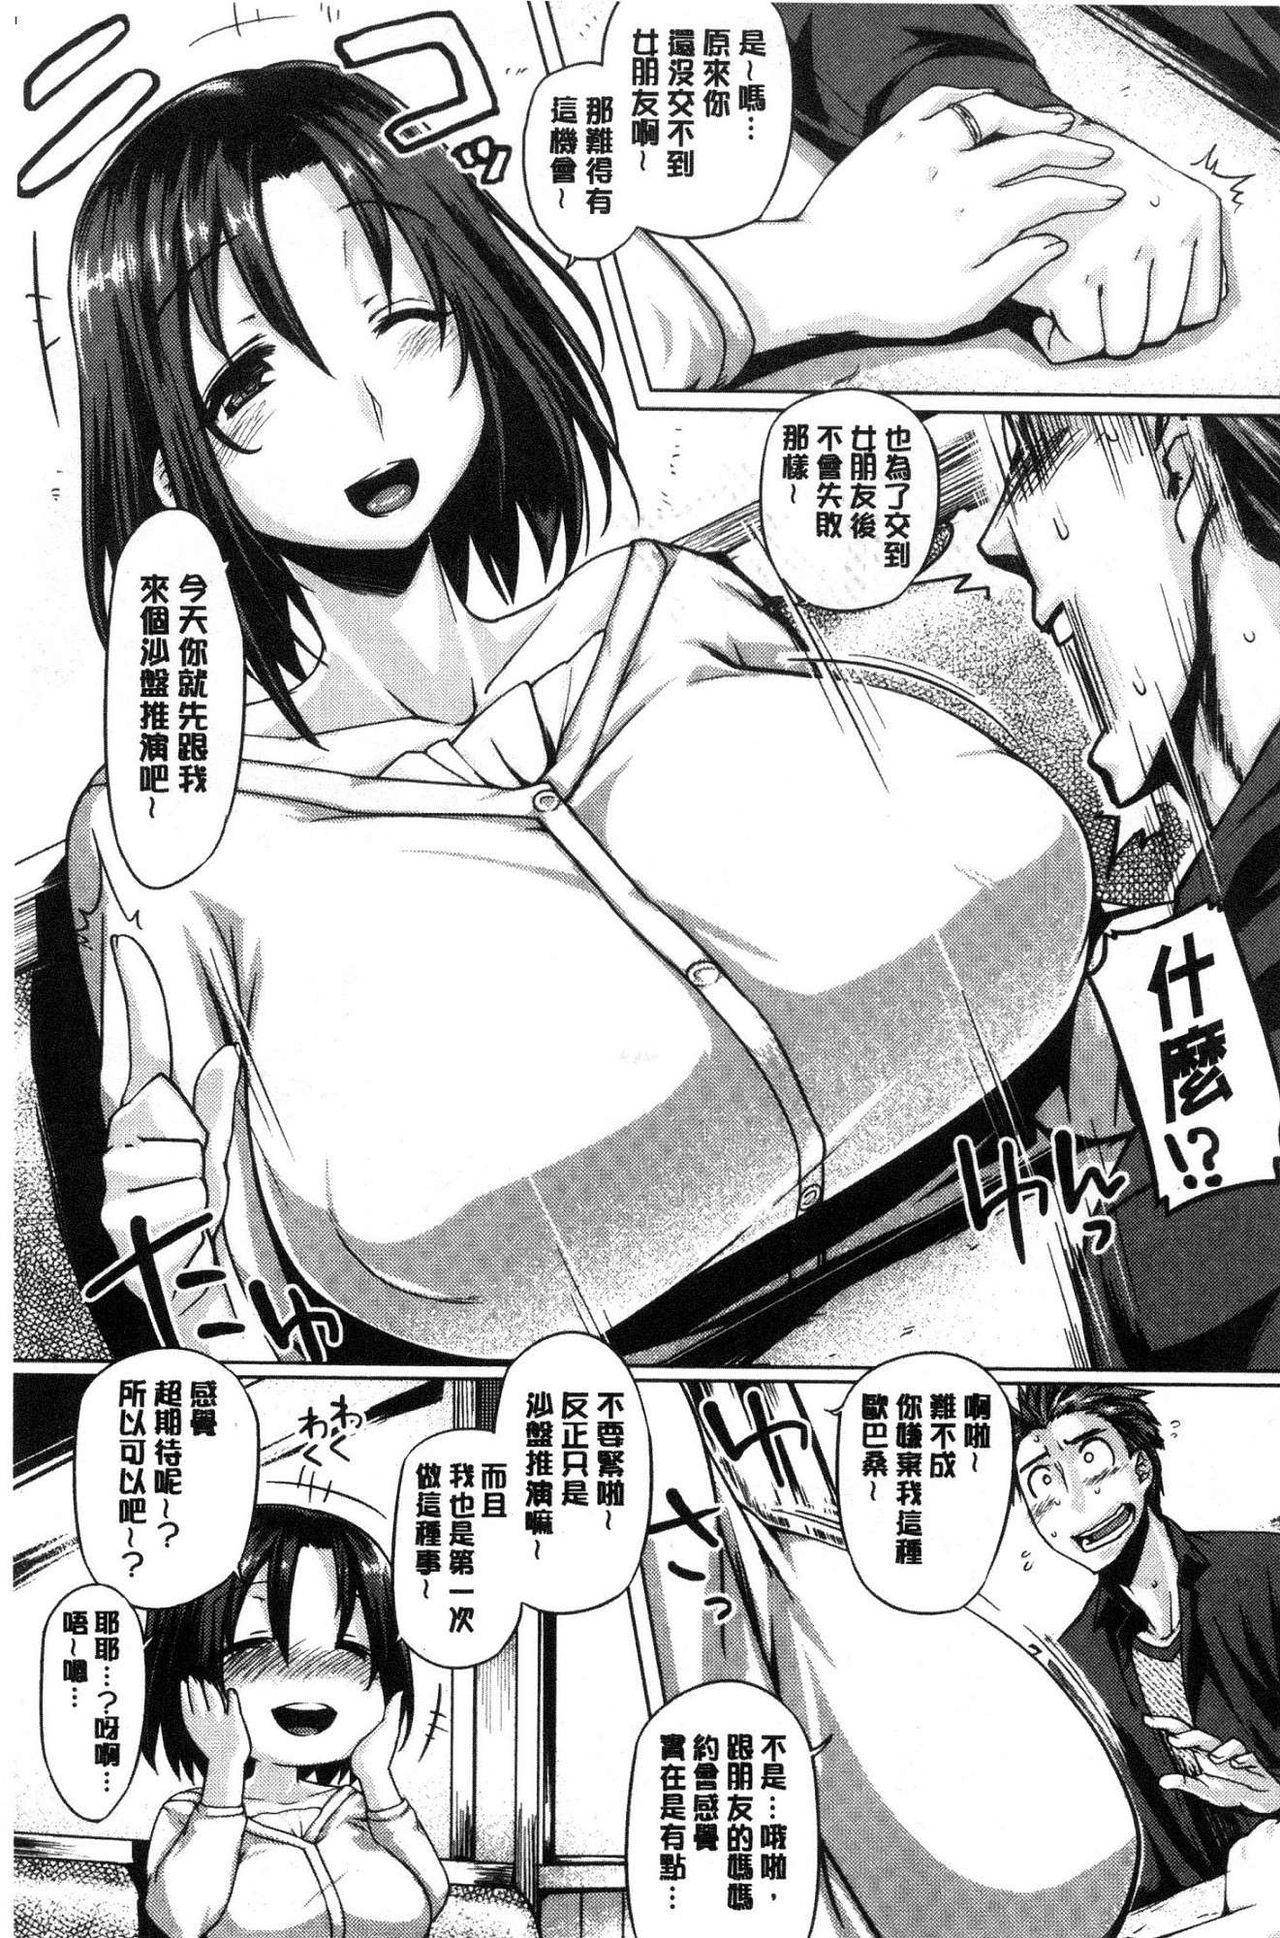 Chichi Shiri Futomomo 21